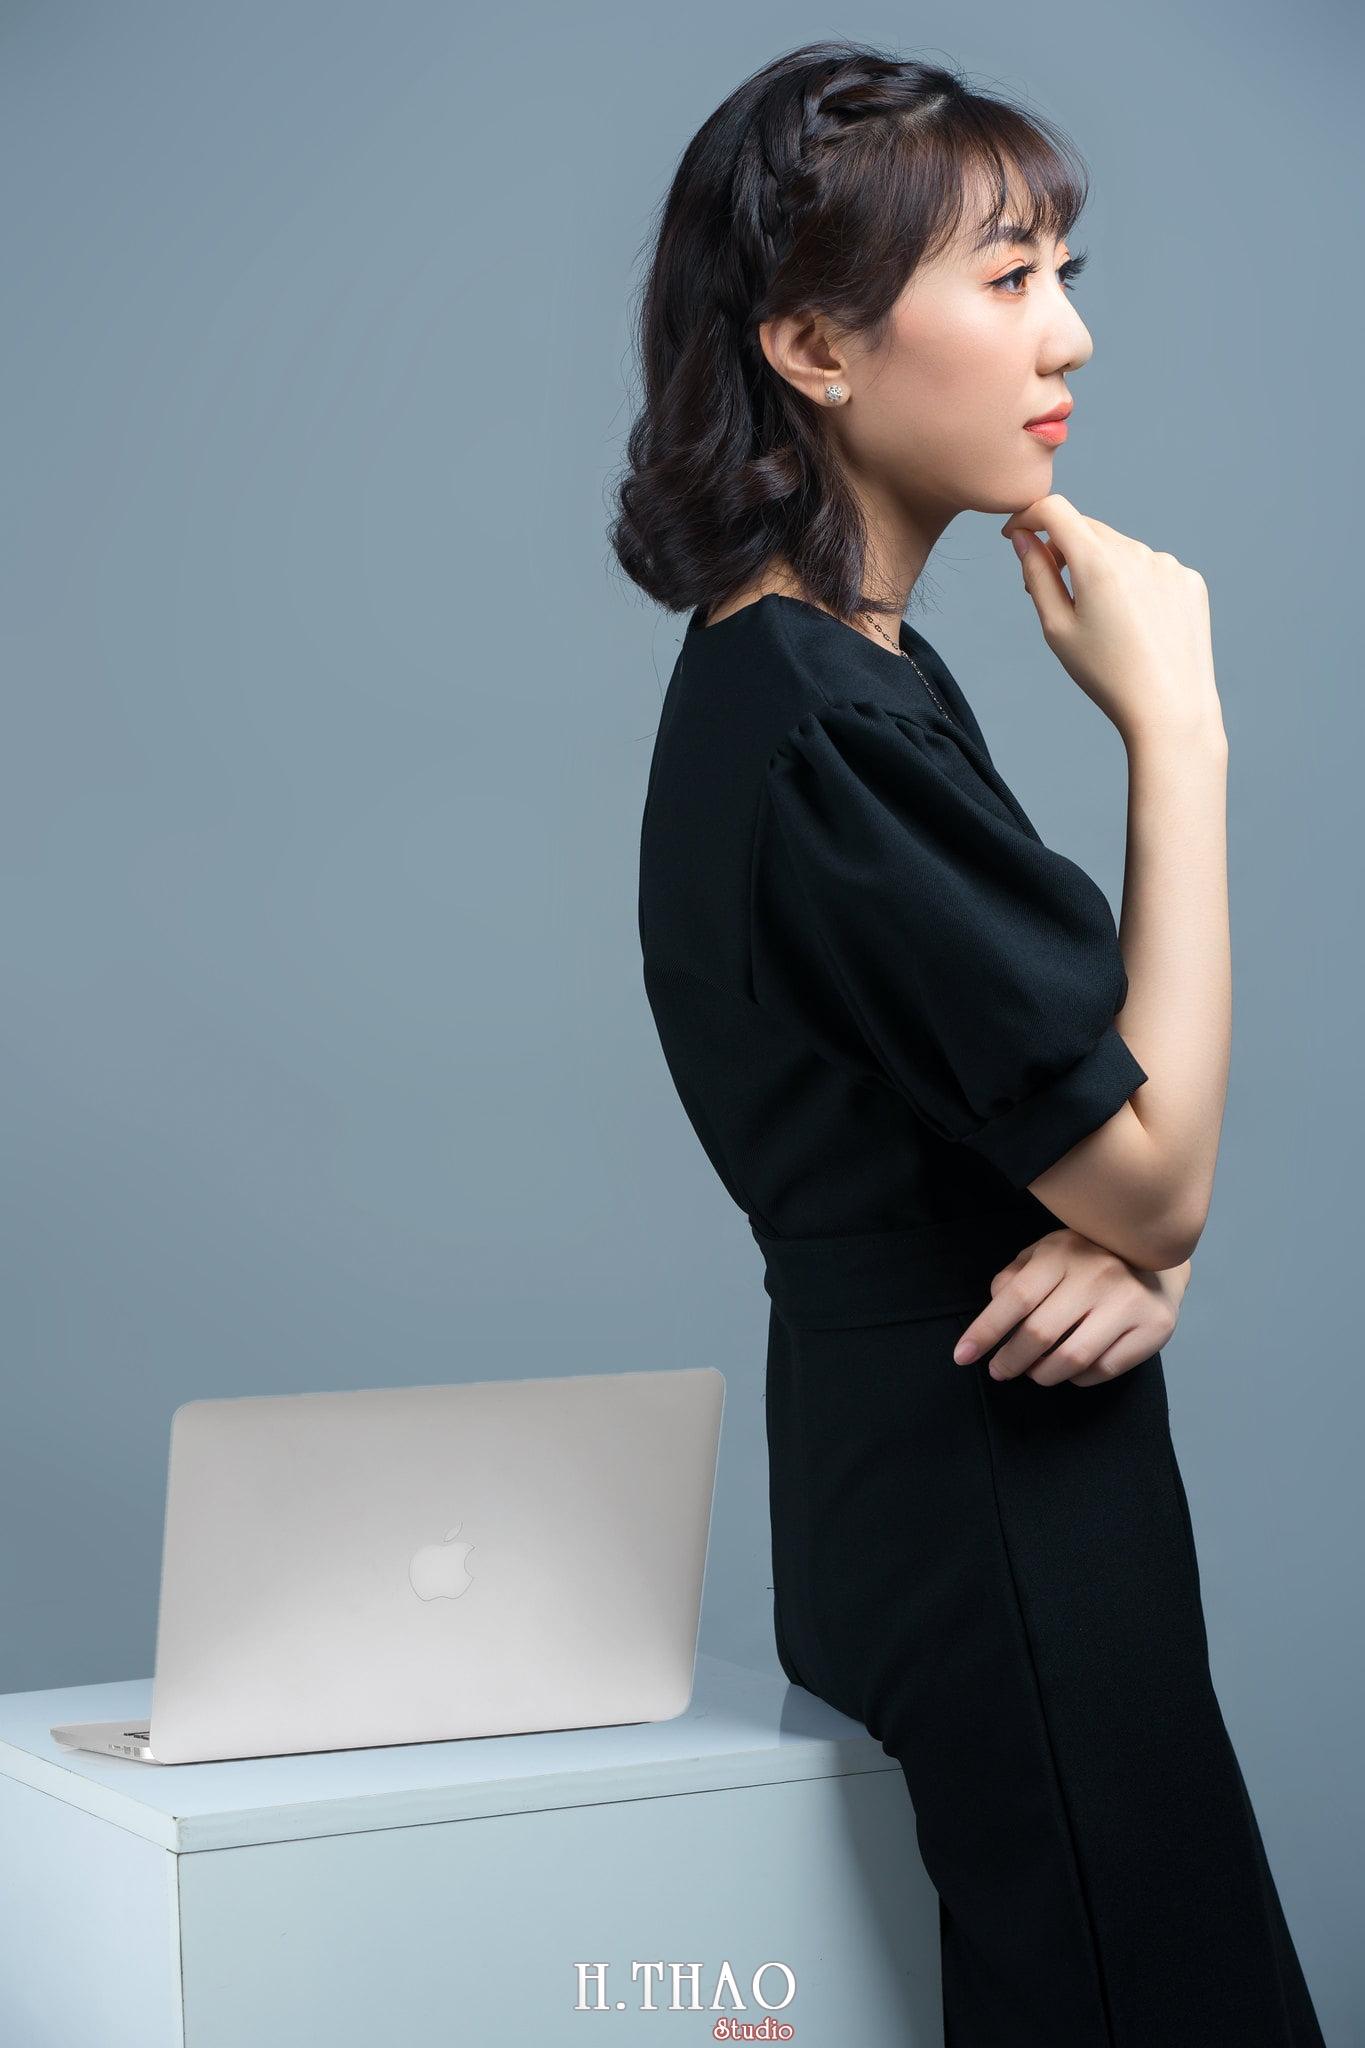 Minh Thuy 3 - Album ảnh profile cá nhân nữ Minh Thùy - HThao Studio